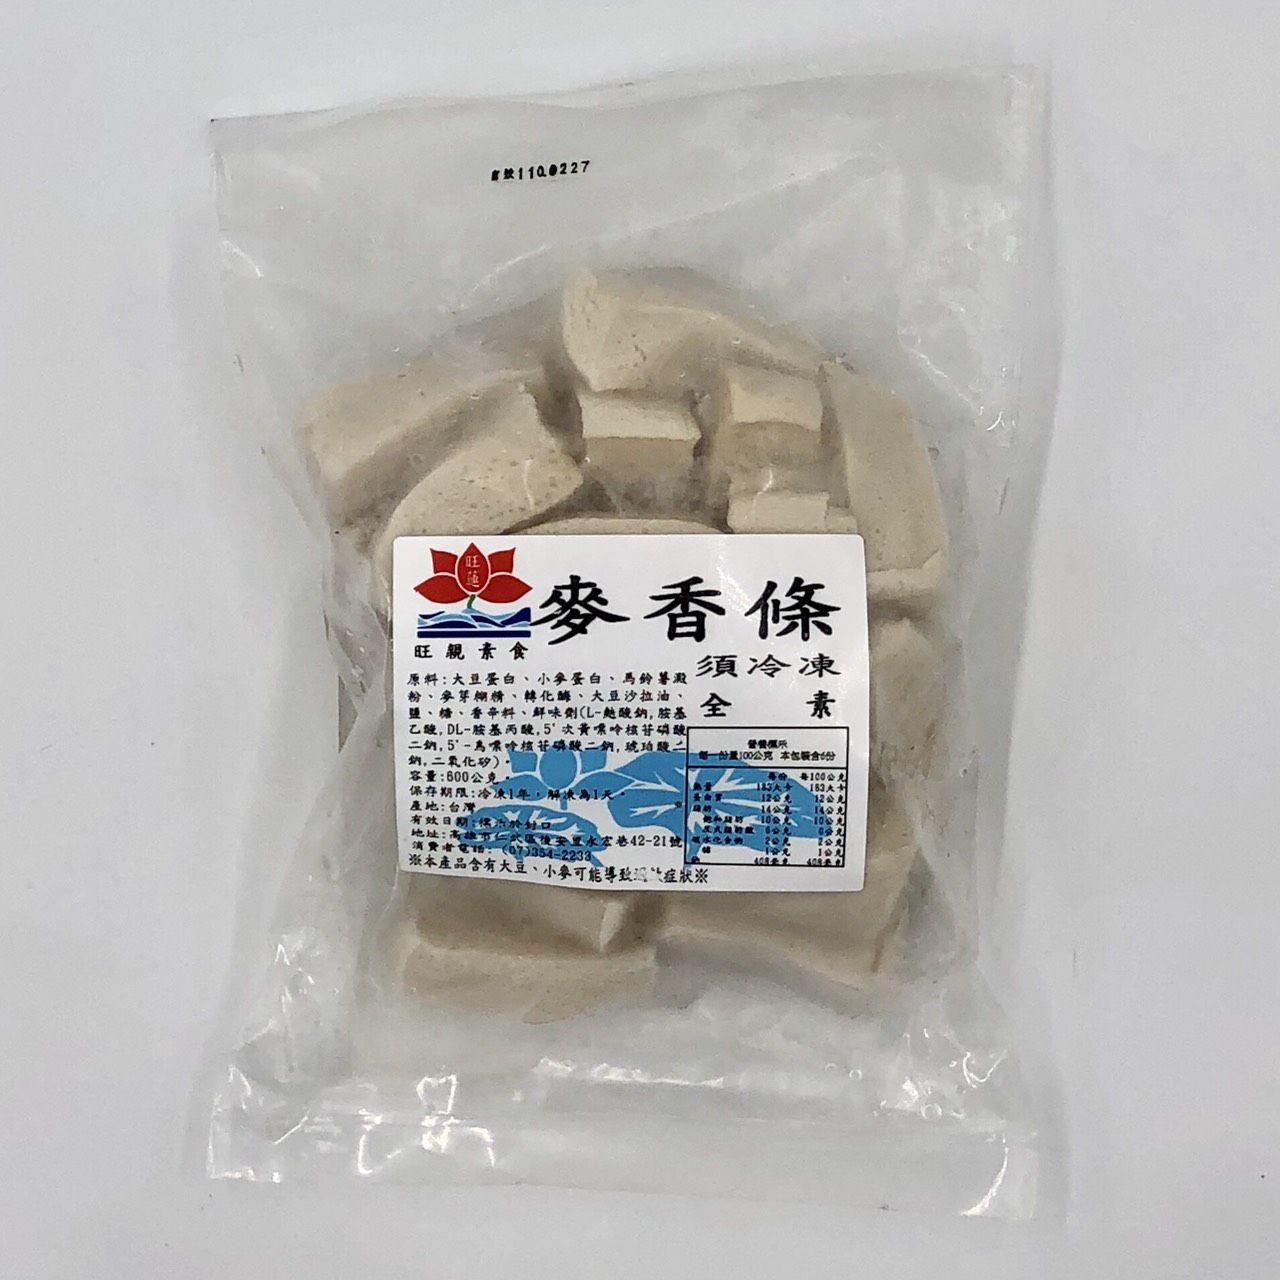 (旺蓮)麥香條600g(全素)